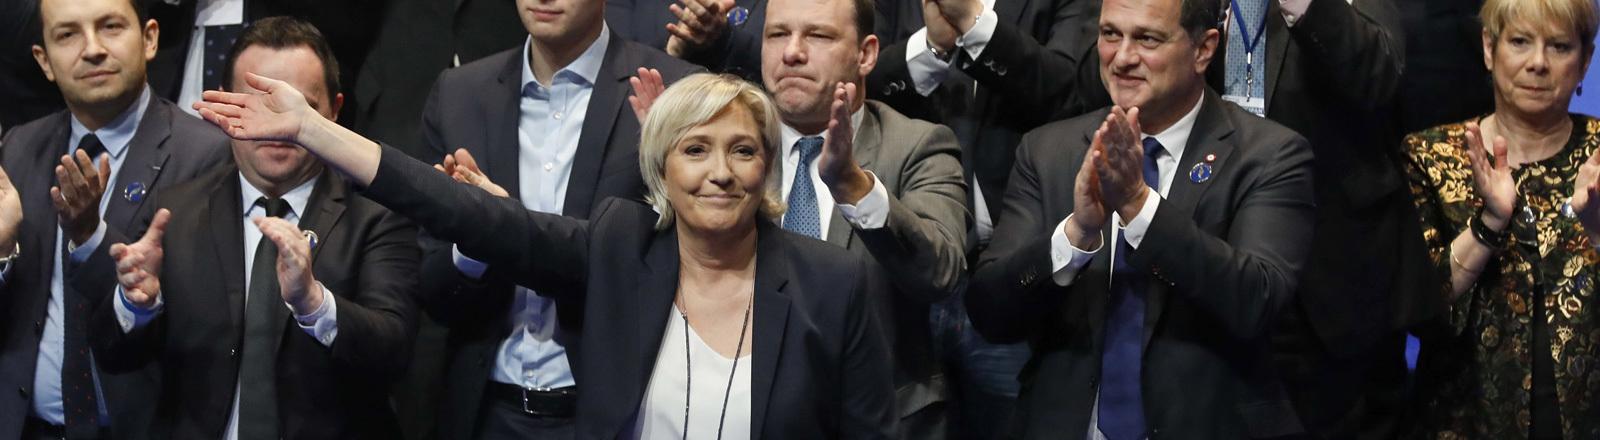 Auf einem Parteitag des Front National (11. März 2018) erhält Parteichefin Marine Le Pen Beifall; Foto: dpa